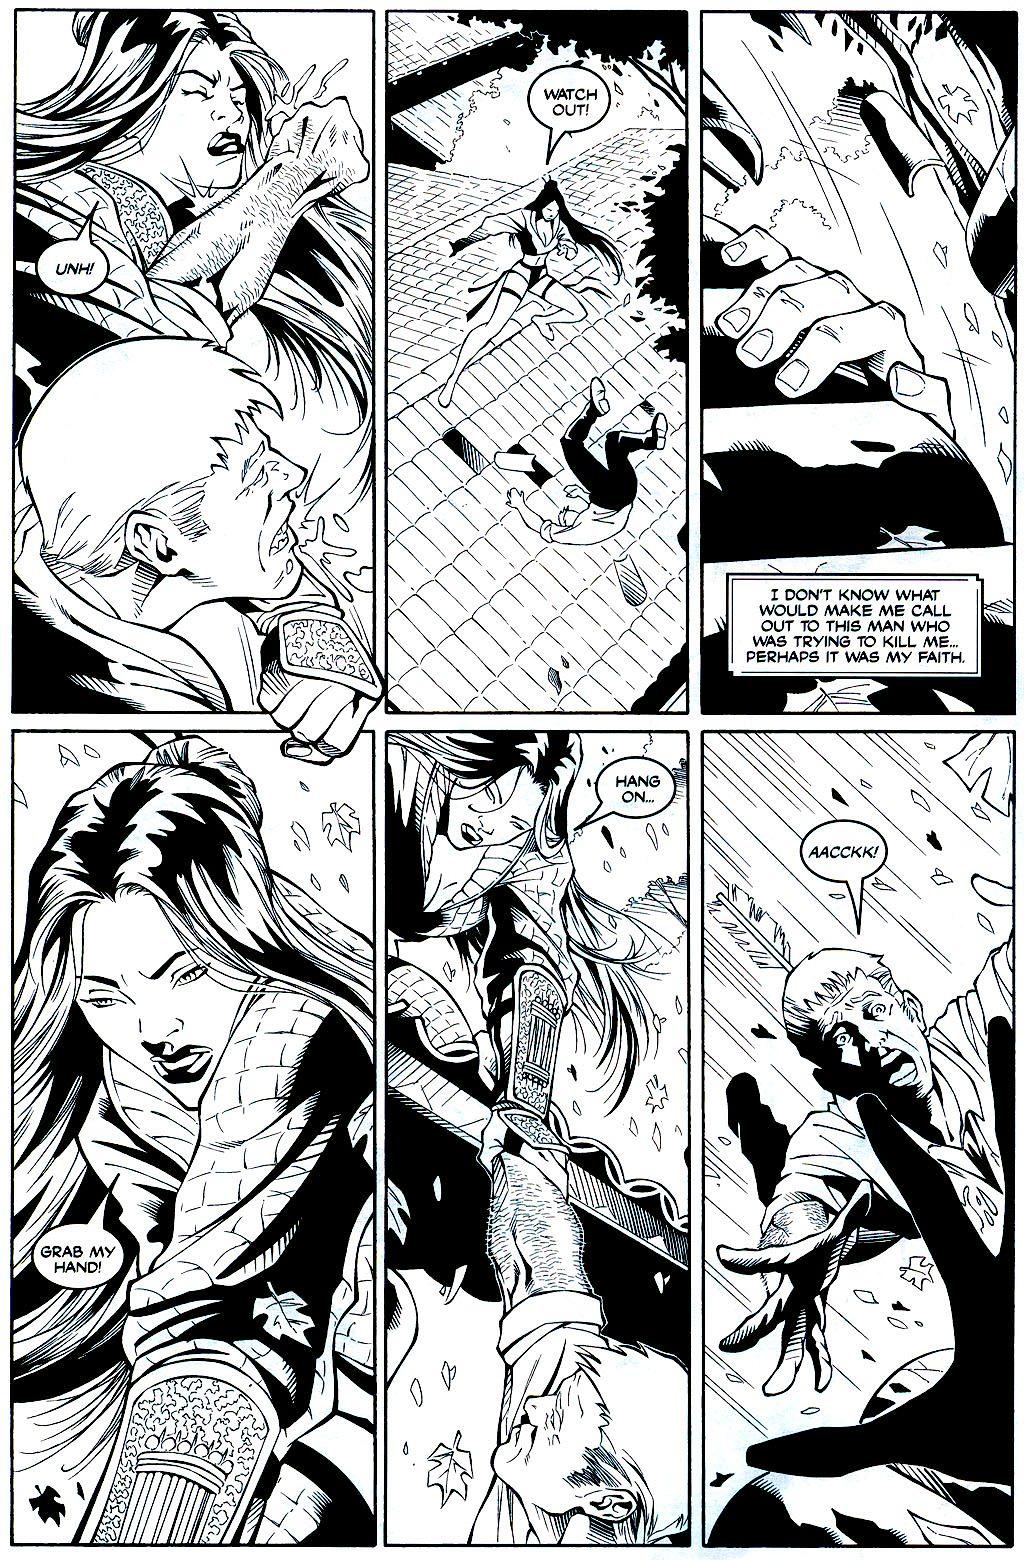 Read online Shi: Sempo comic -  Issue #1 - 11